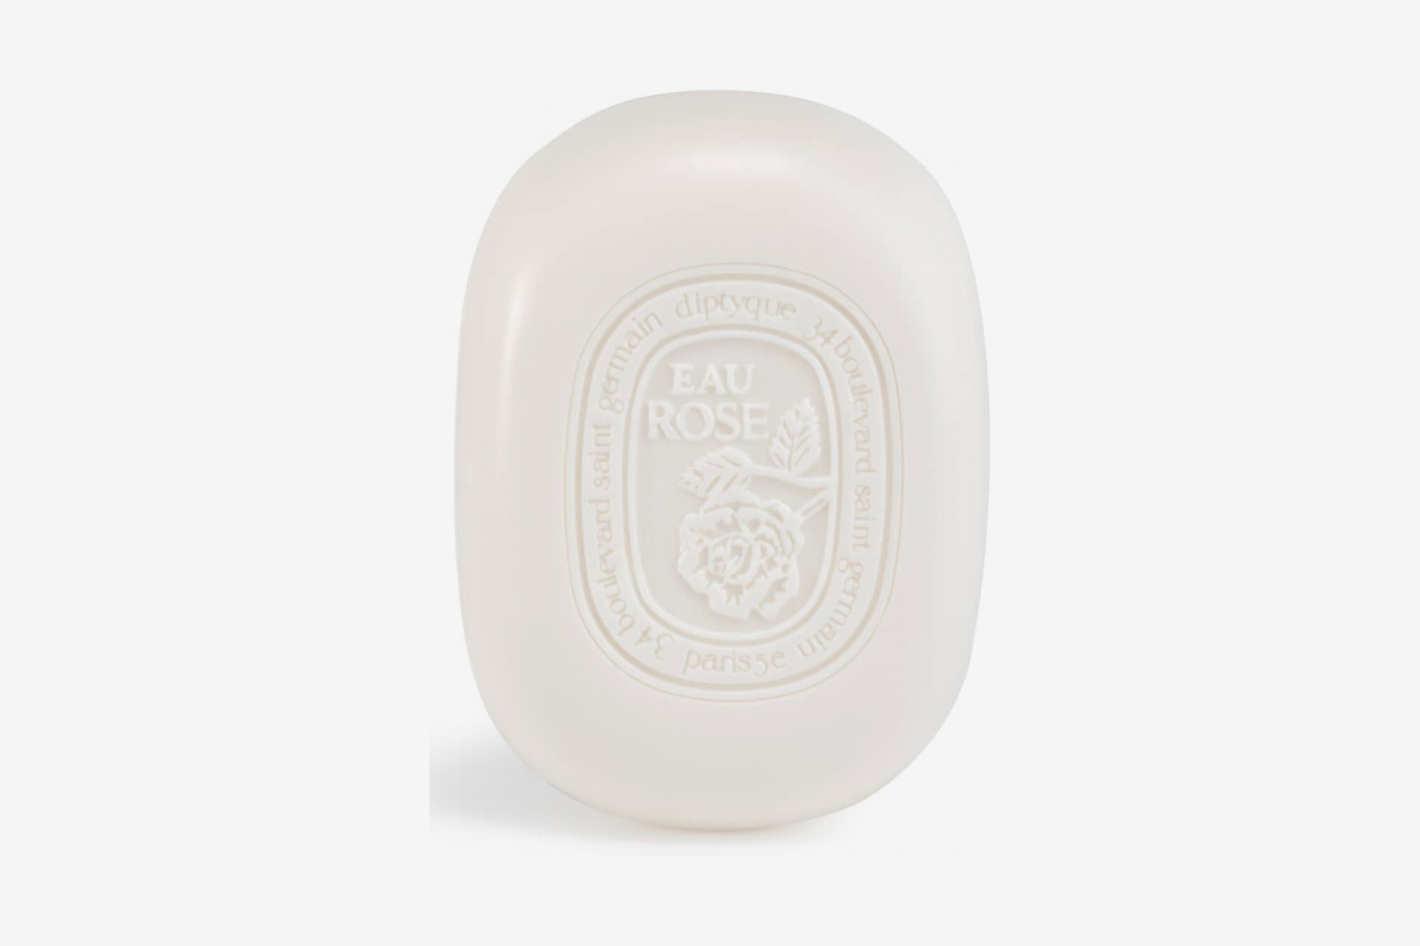 Diptyque Eau Rose Soap